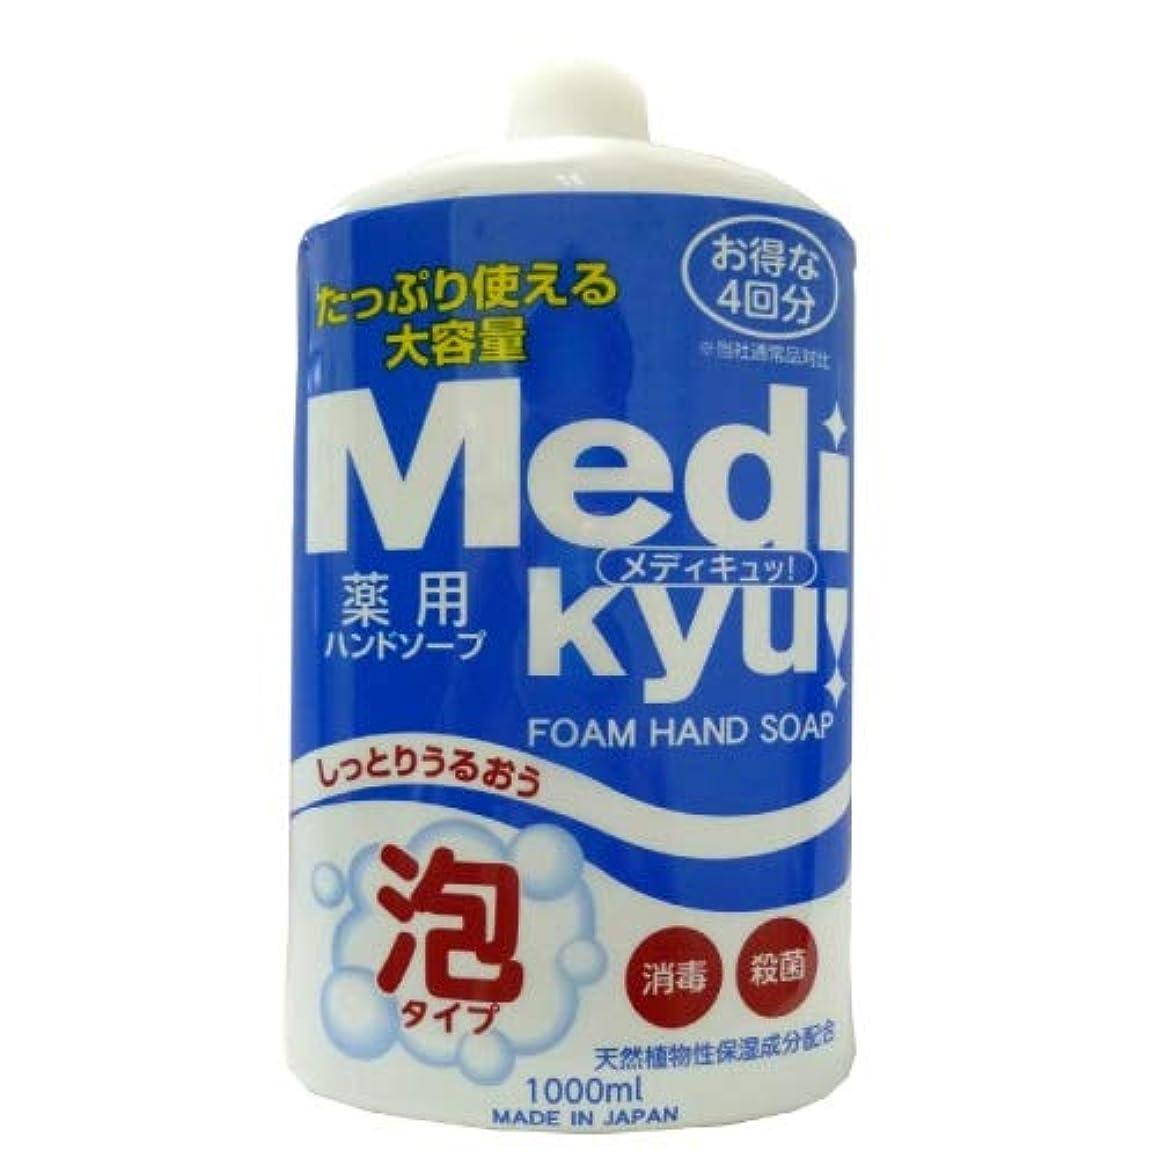 ボンド素子暖かさロケット石鹸 メディキュッ! 薬用ハンドソープ 泡タイプ 大型ボトル 詰替用 1000ml